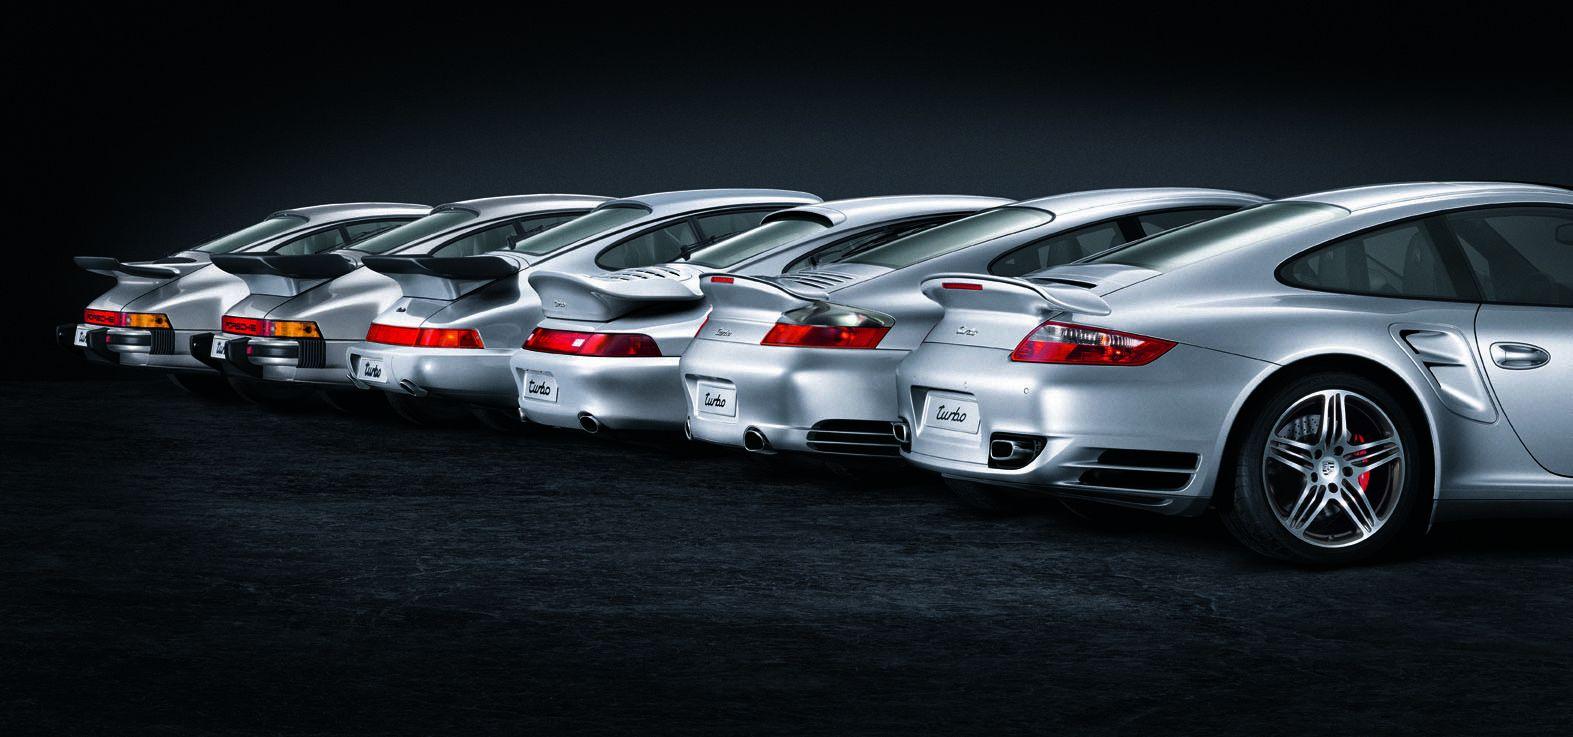 Sechs Porsche 911 Turbos aus sechs aufeinander folgenden Generationen nebeneinander bis zum 997